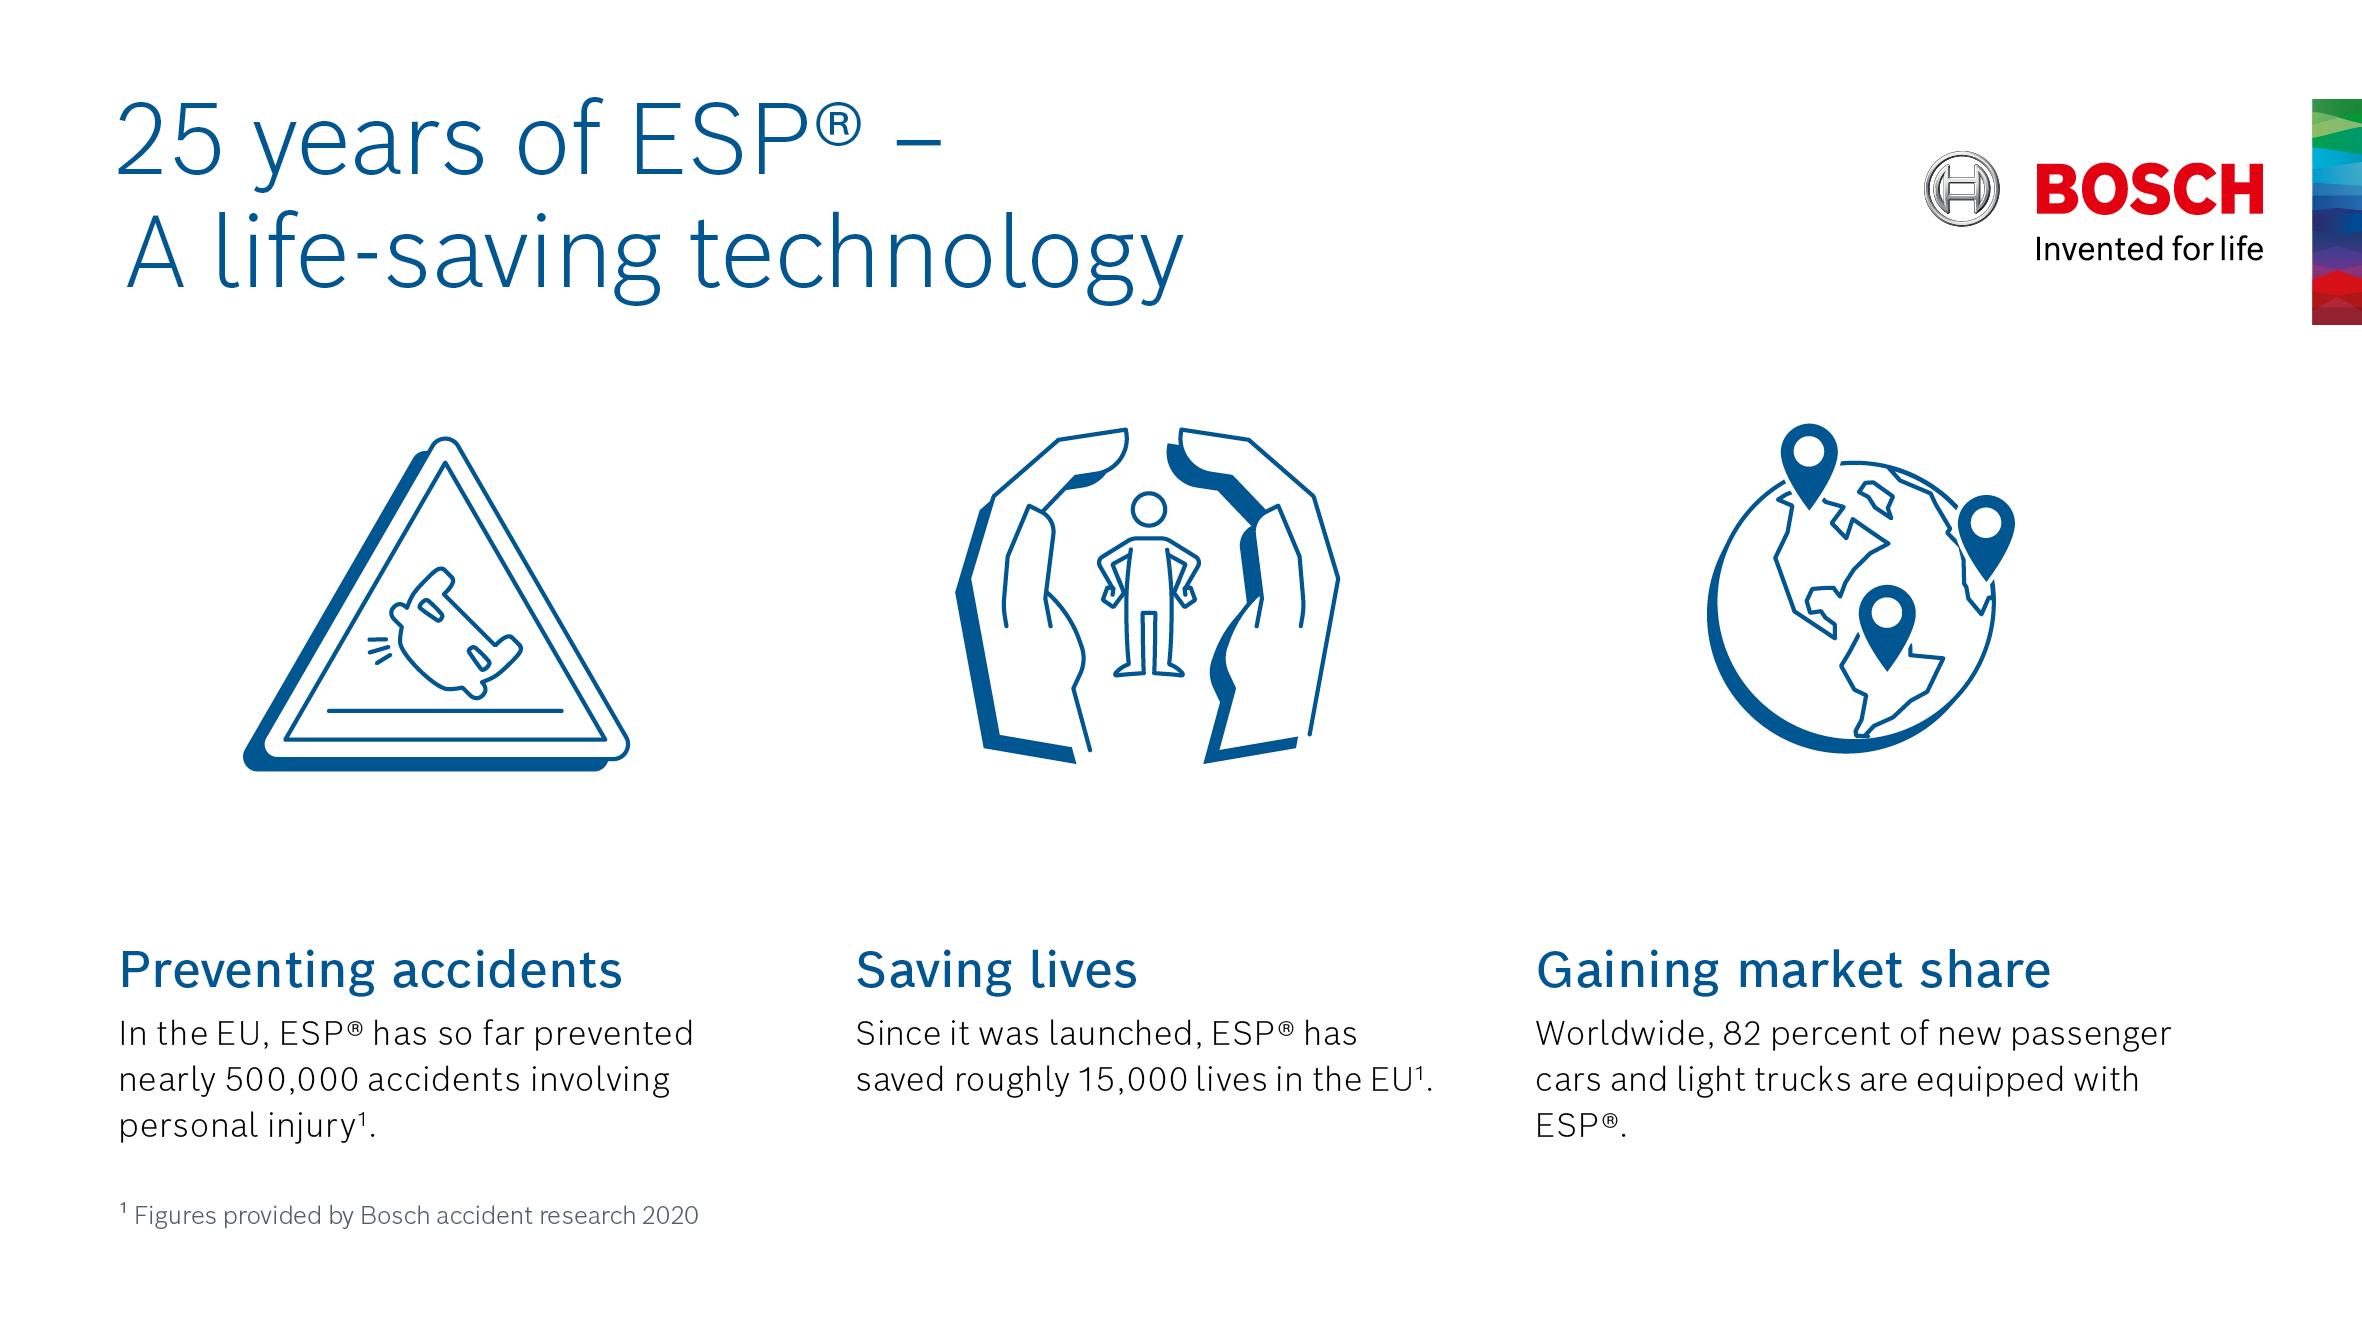 25 anni di ESP® Bosch: Niente più sbandate